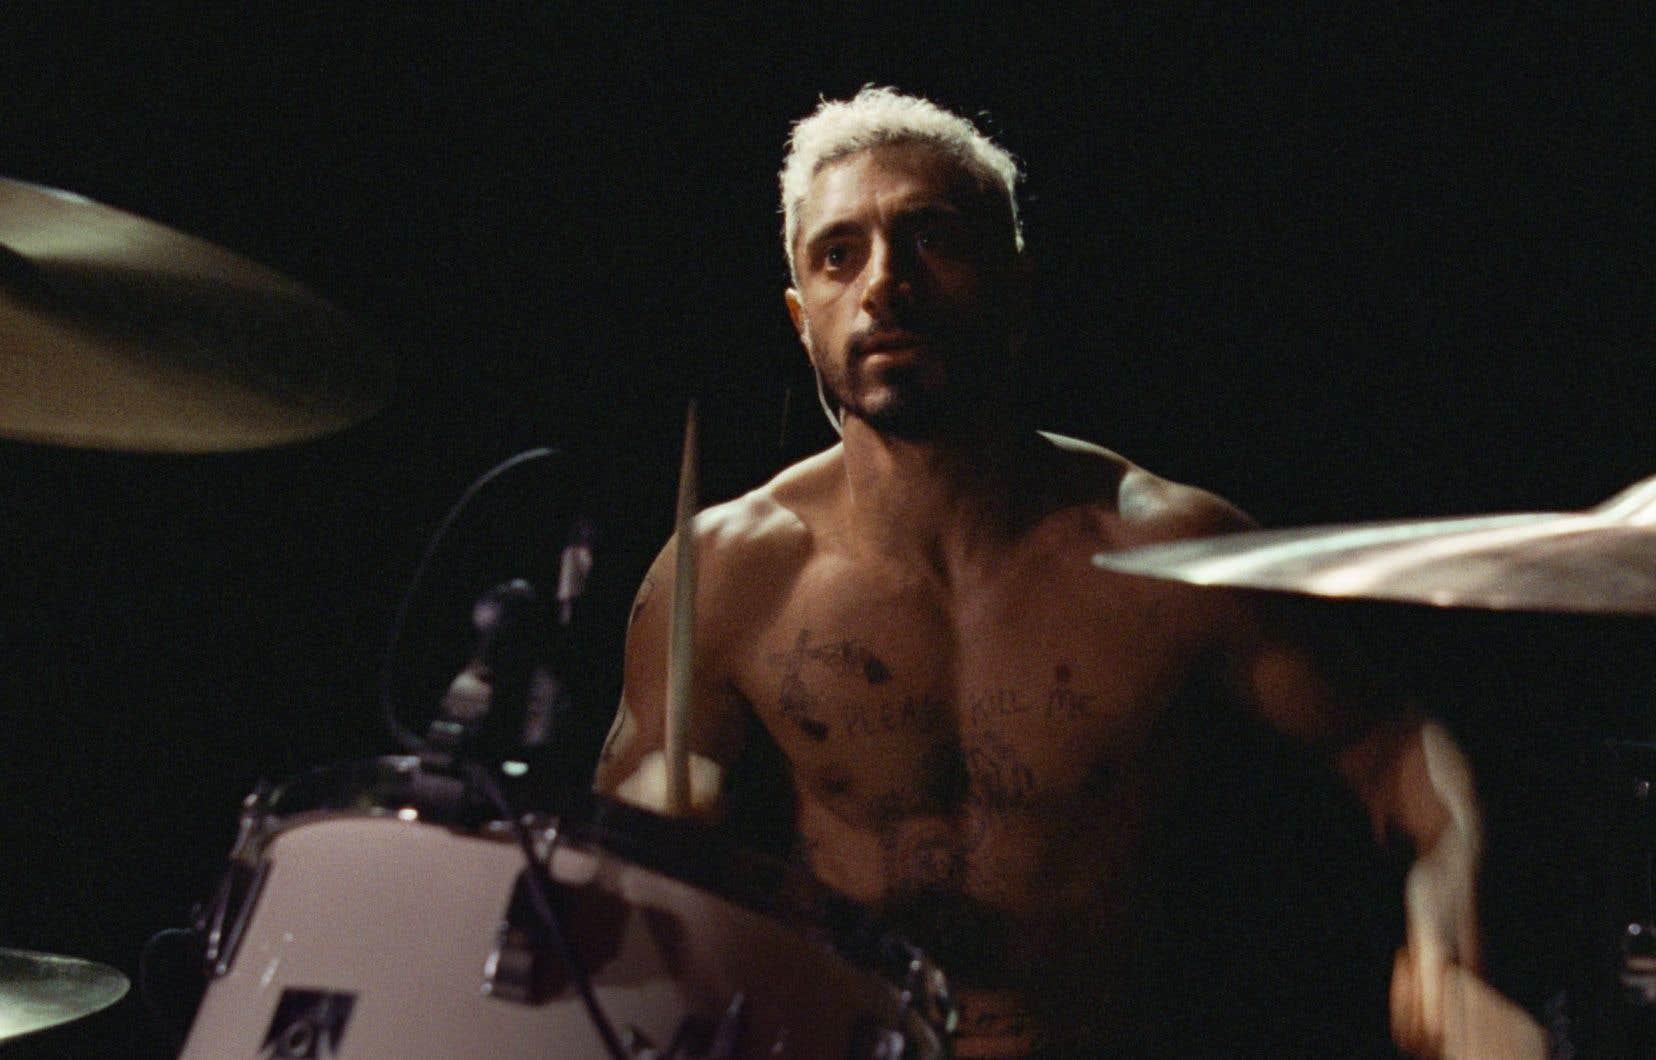 Fébrile, la caméra de Darius Marder se révèle habile à donner l'impression d'entrer dans la tête de Ruben.